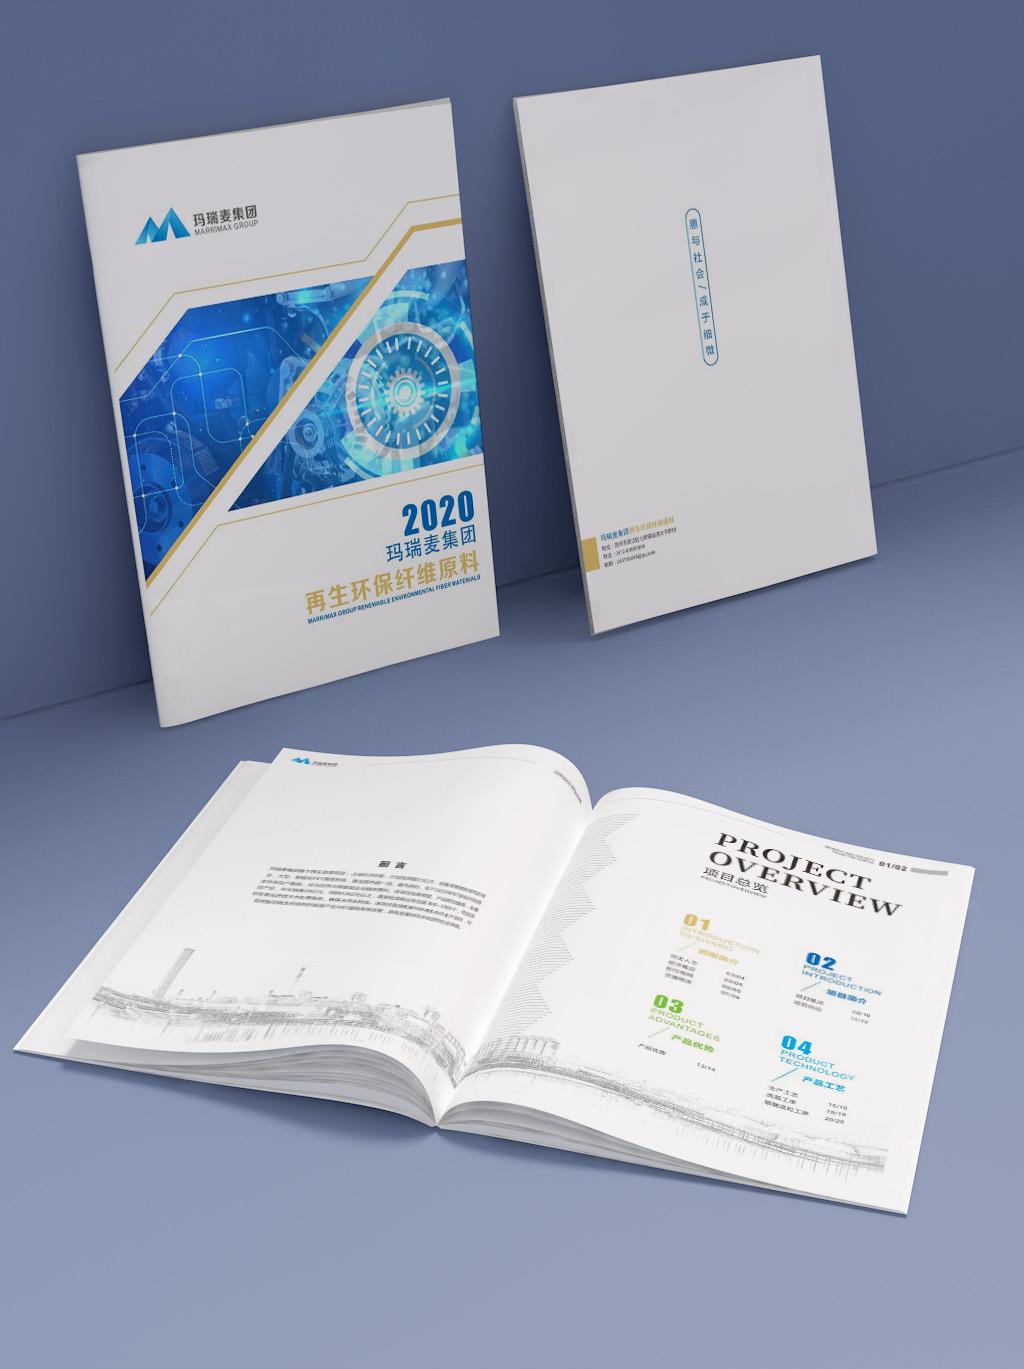 玛瑞麦集团旗下再生能源项目宣传画册